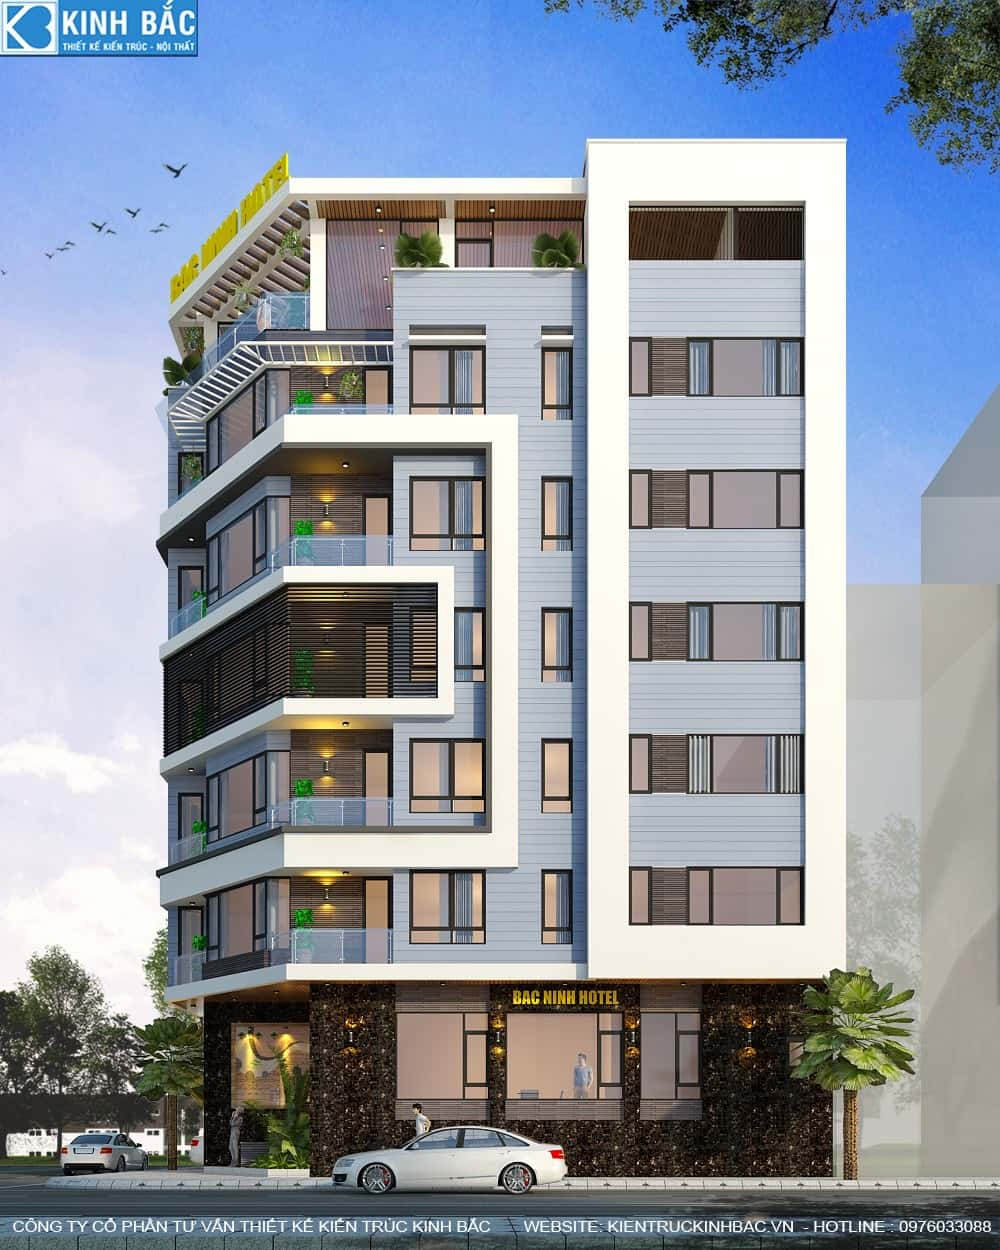 2ce0ce84e3521b0c4243 - Thiết kế khách sạn, nhà hàng office building